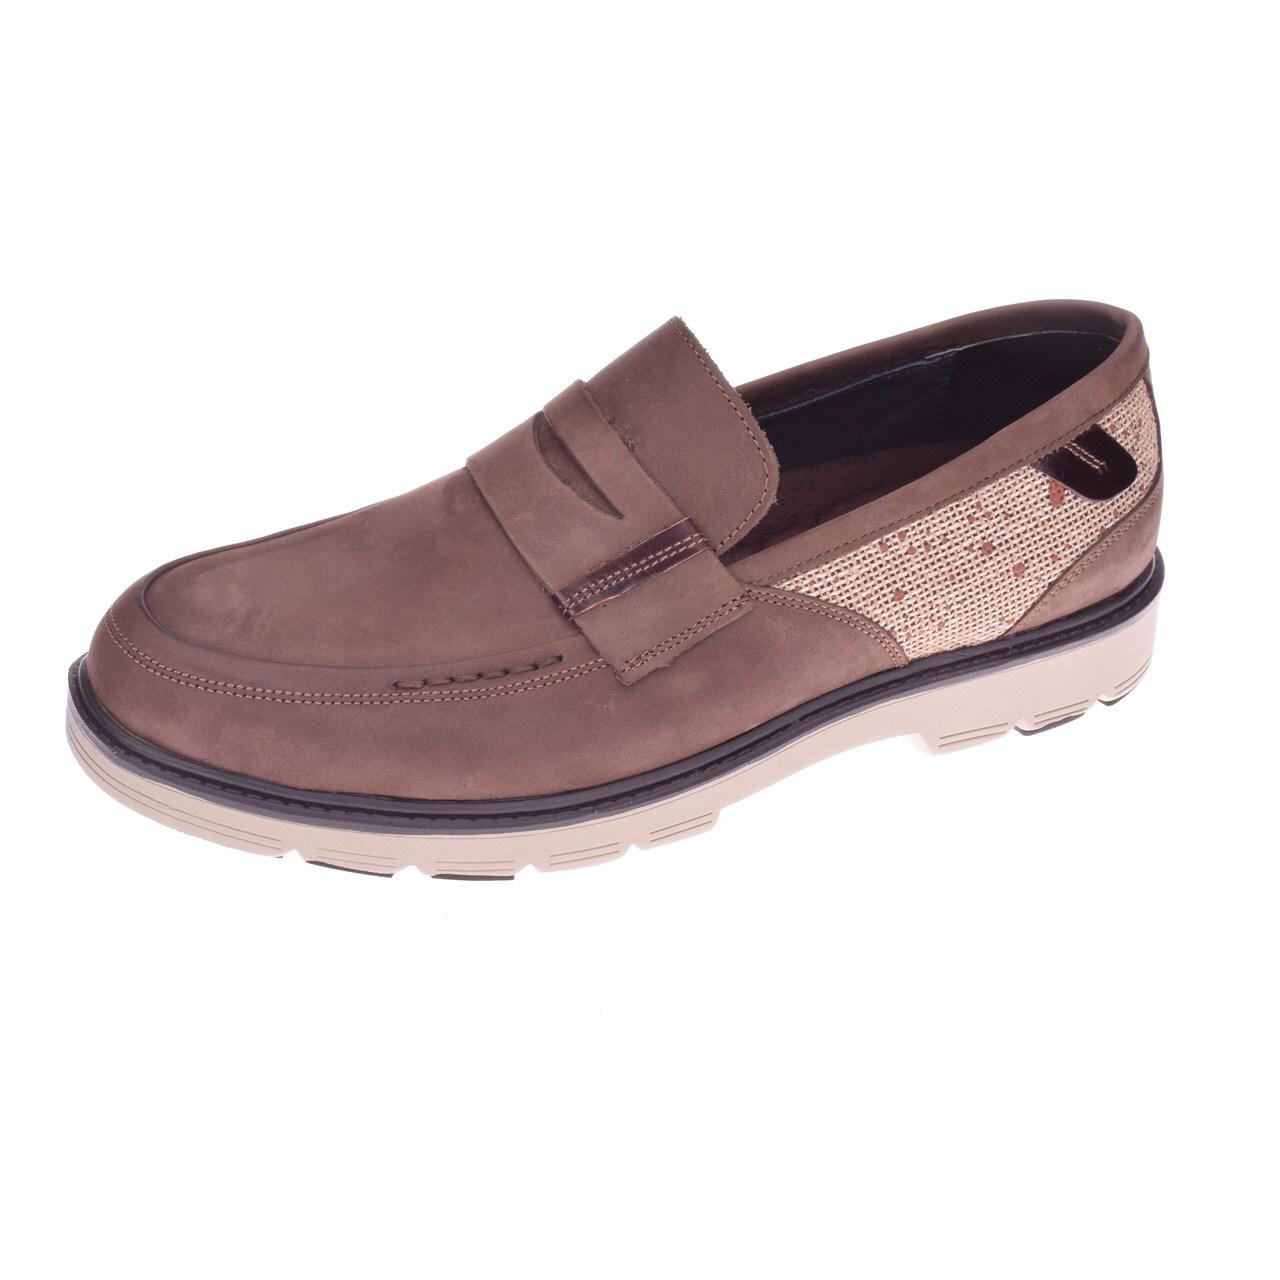 کفش مردانه پانیسا مدل 144C